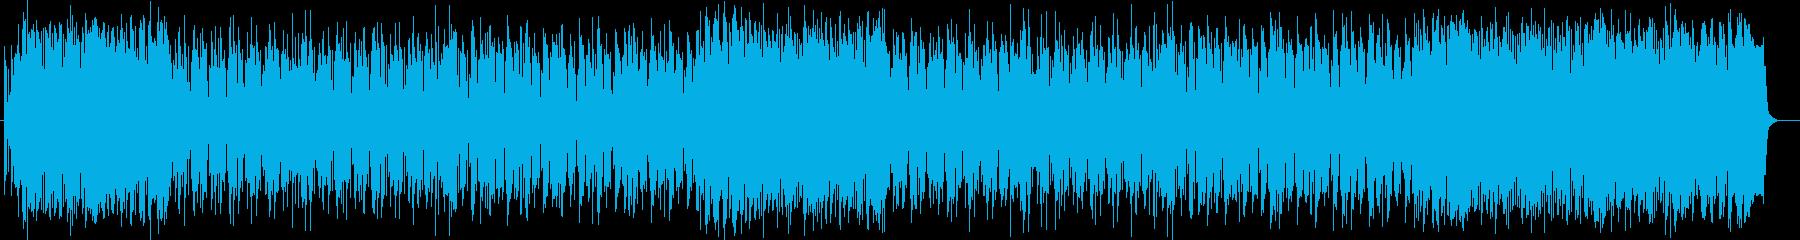 明るく元気なシンセサイザーポップの再生済みの波形